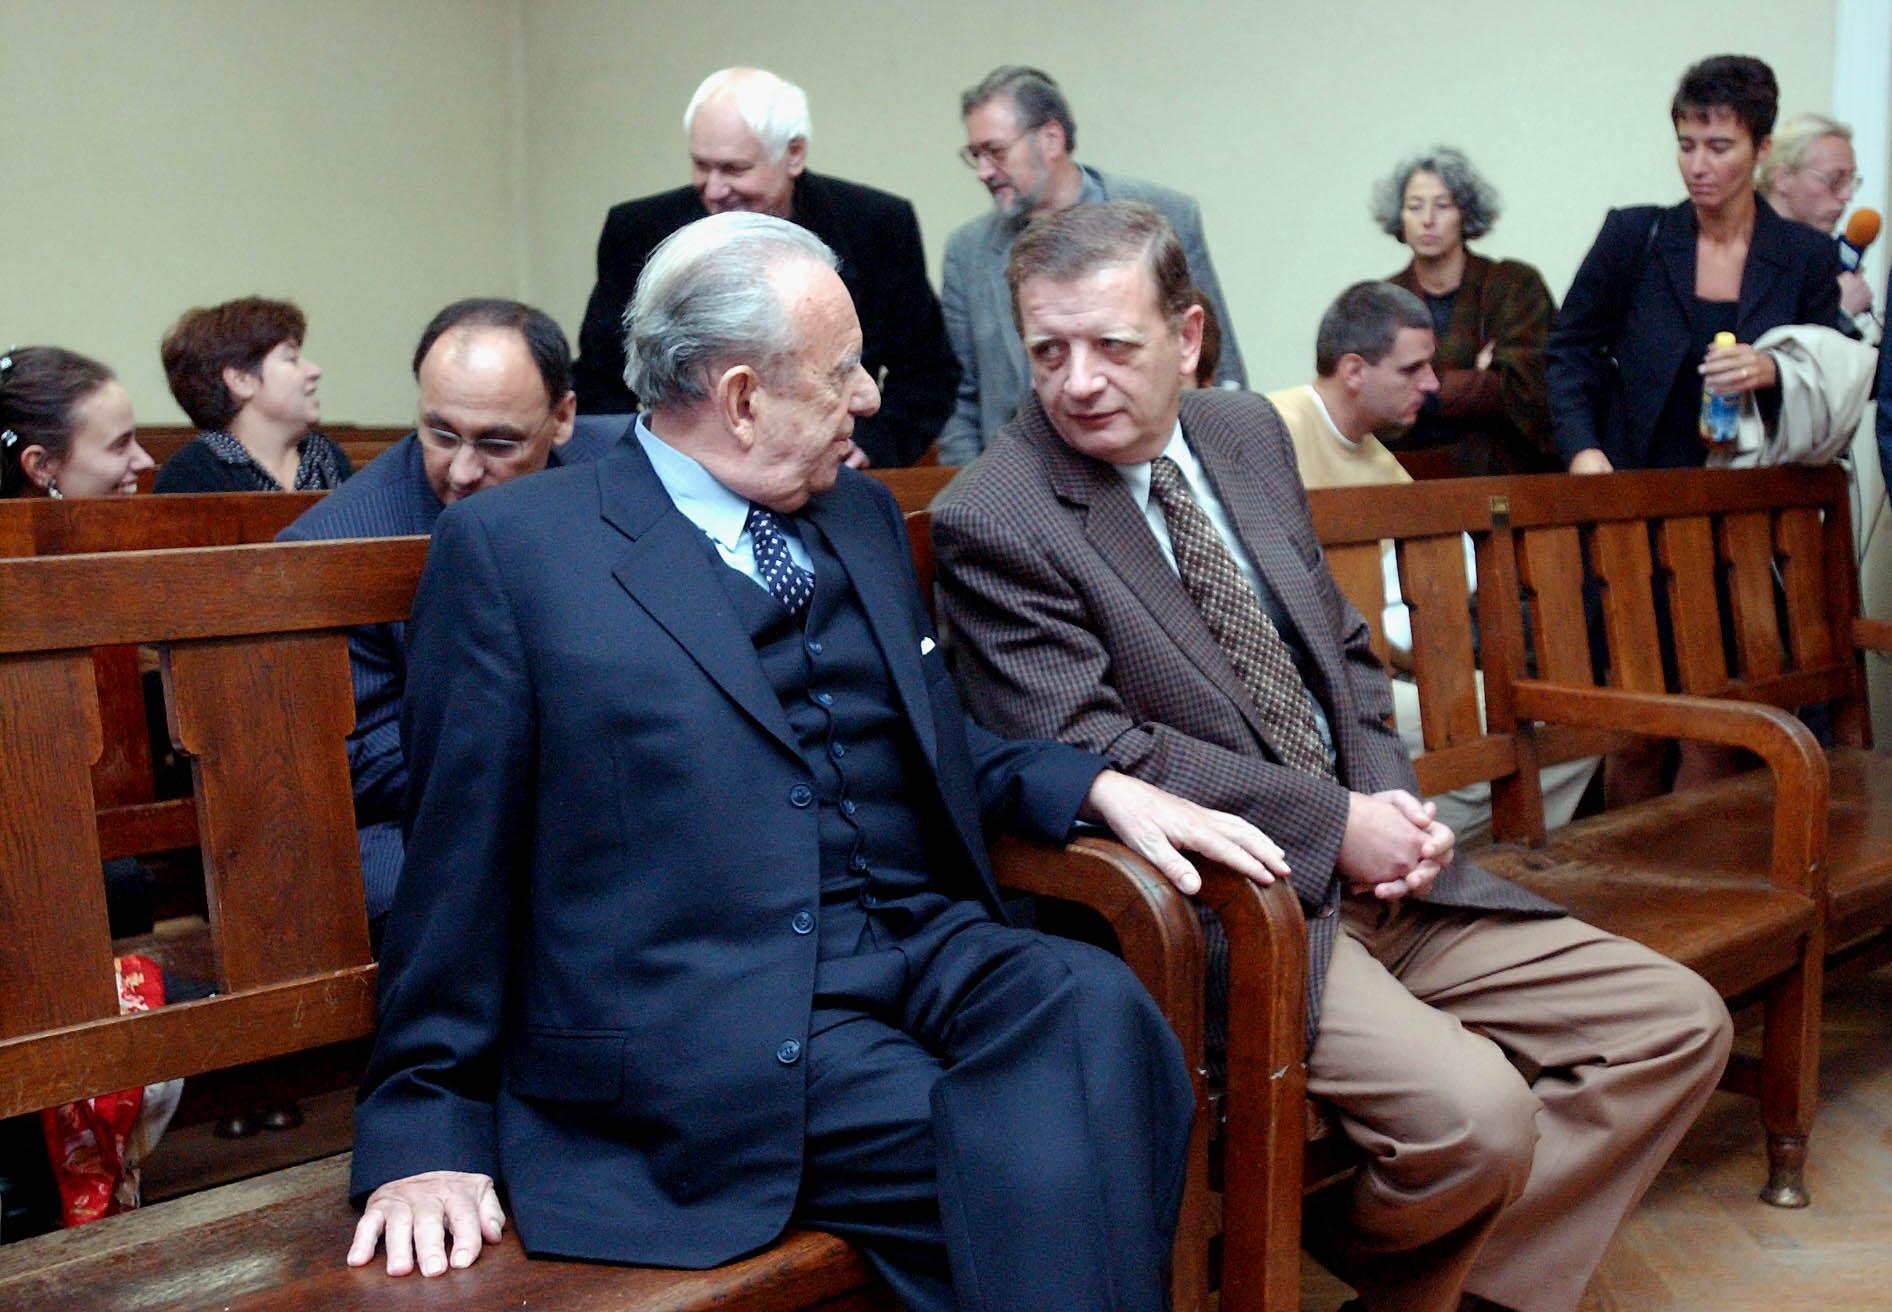 Felmentette a csempészettel, adócsalással és közokirathamisítással vádolt Kovács Mihályt, az Agrobank egykori elnökét és két vádlott társát a Pesti Központi Kerületi Bíróság a kihirdetett elsõfokú ítéletében. A vádlottak az ügyészség szerint 1989 és 94 között több tonna nemesfém passzív bérmunkában történõ elvámoltatásával több tízmilliós kárt okoztak az államnak, a bíróság azonban kimondta, hogy nem történt bûncselekmény / Fotó: MTI